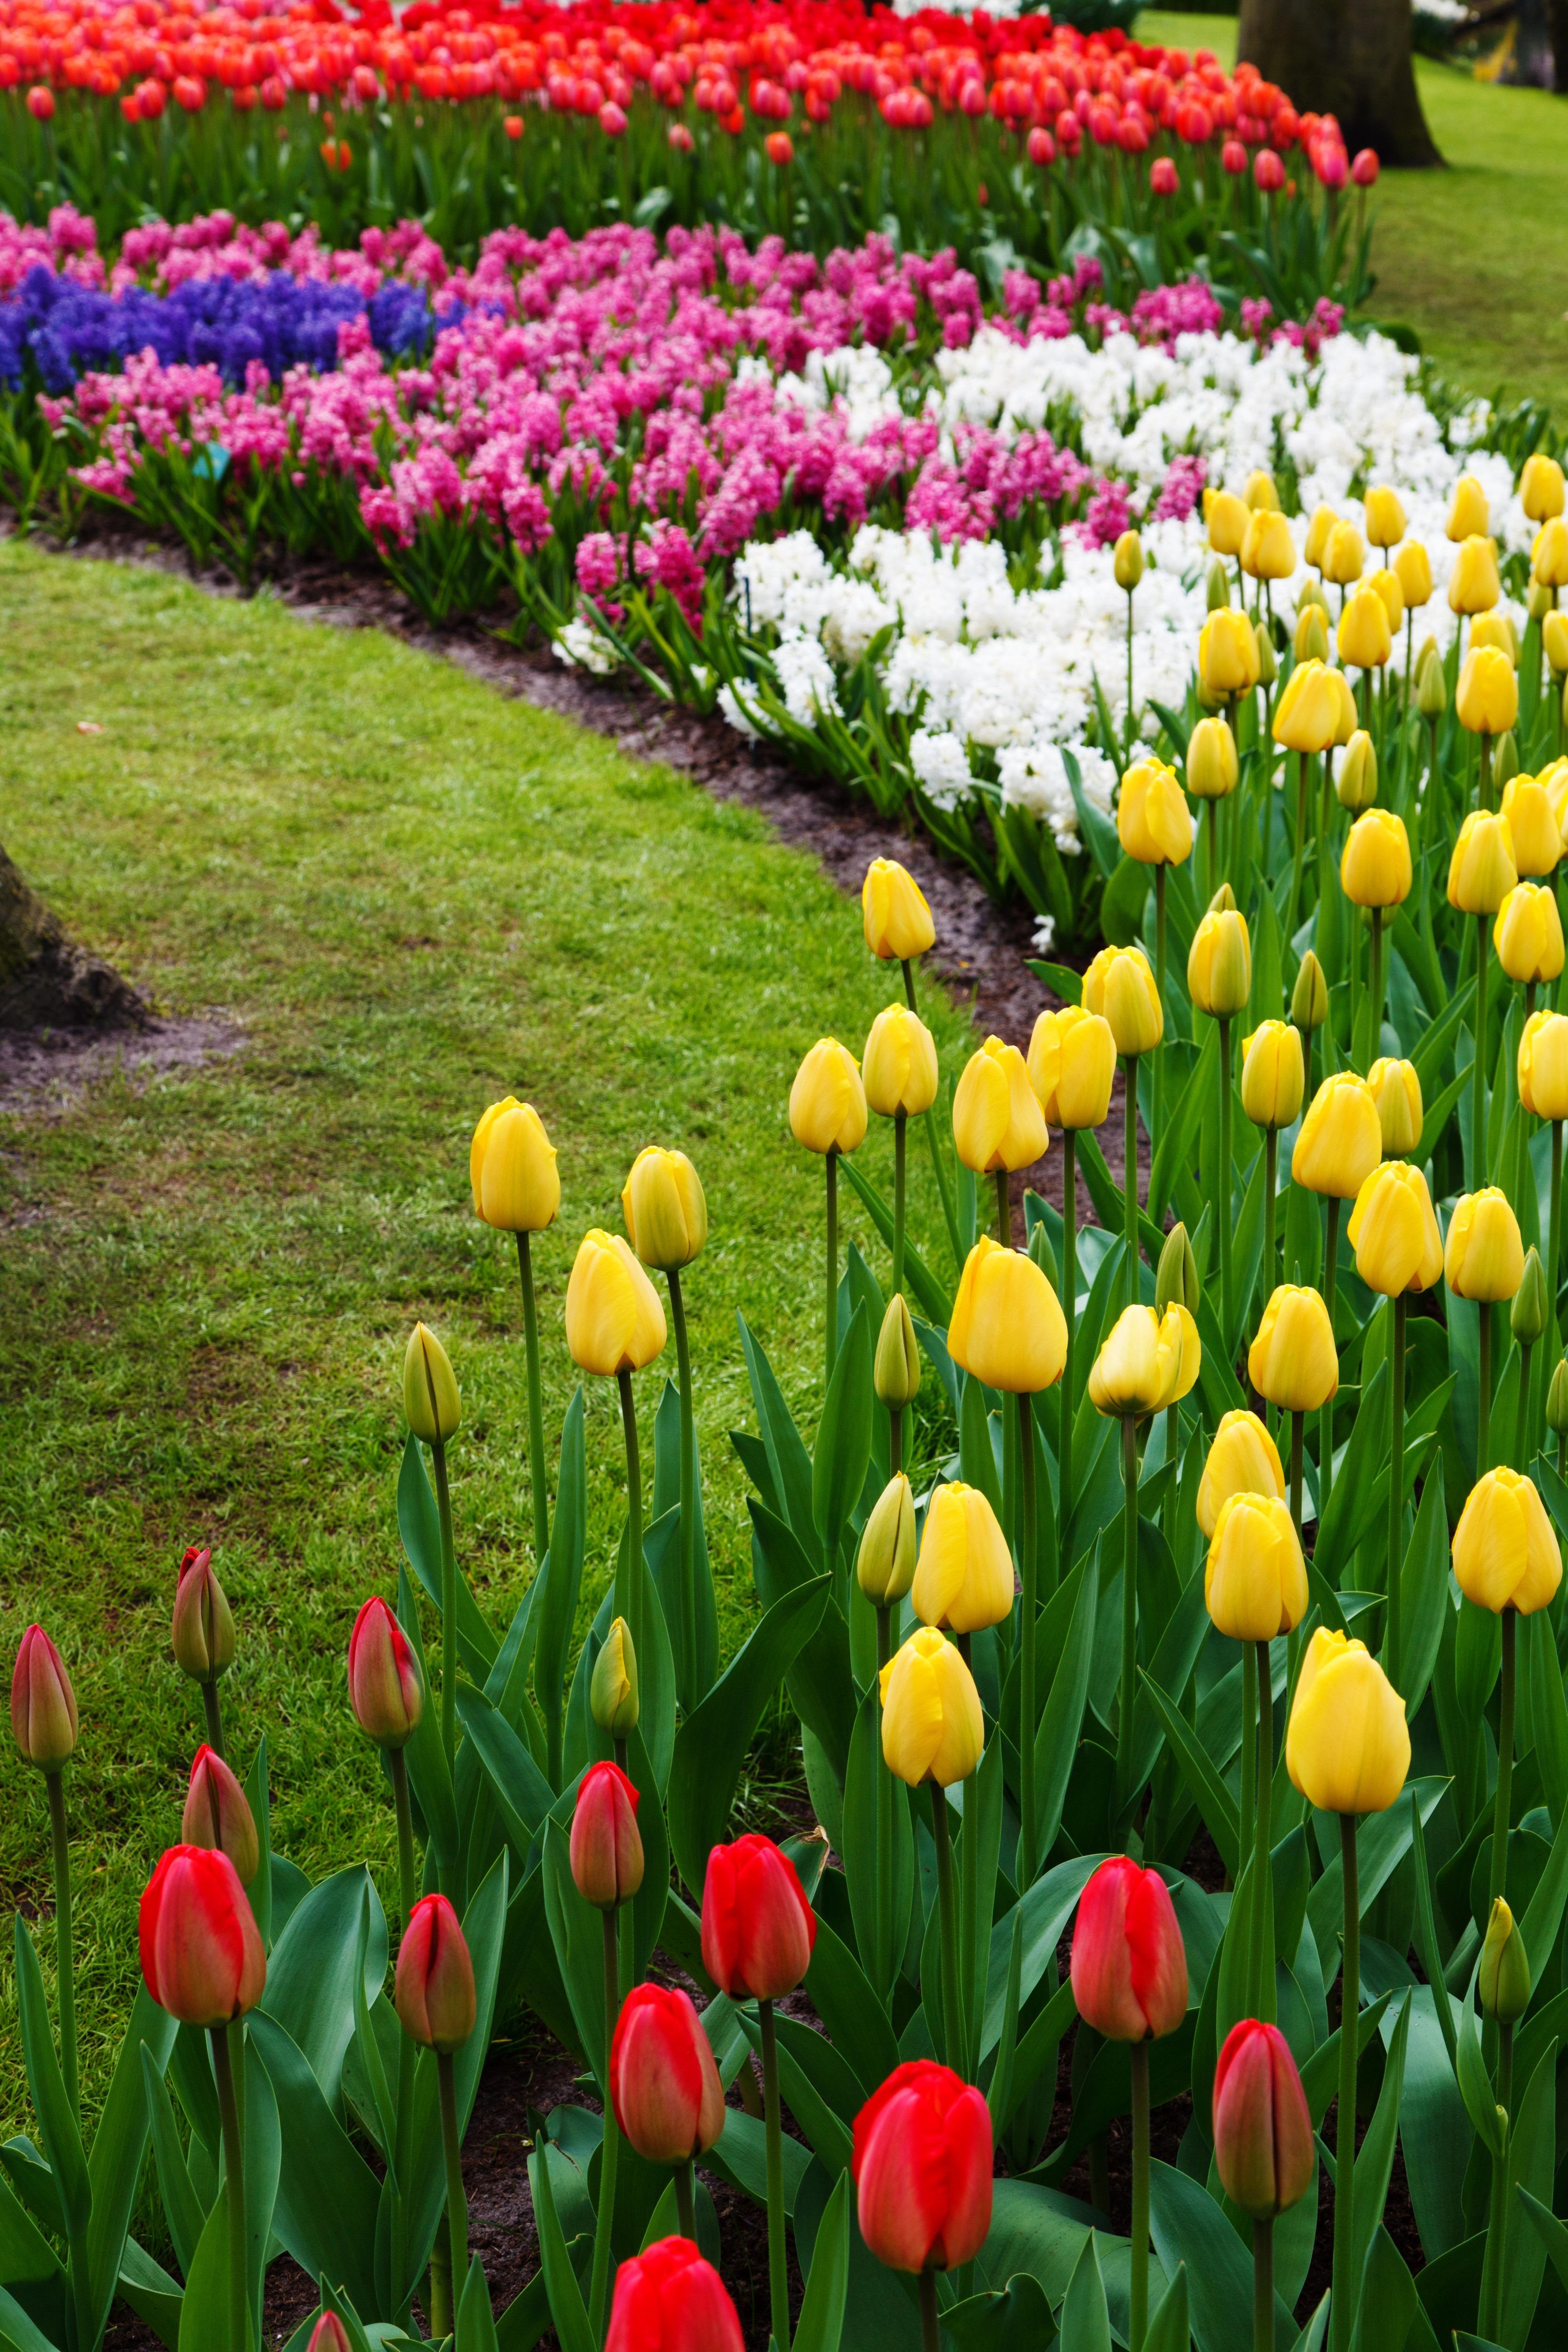 картинки с тюльпанами и весной малышке дэннилин взял